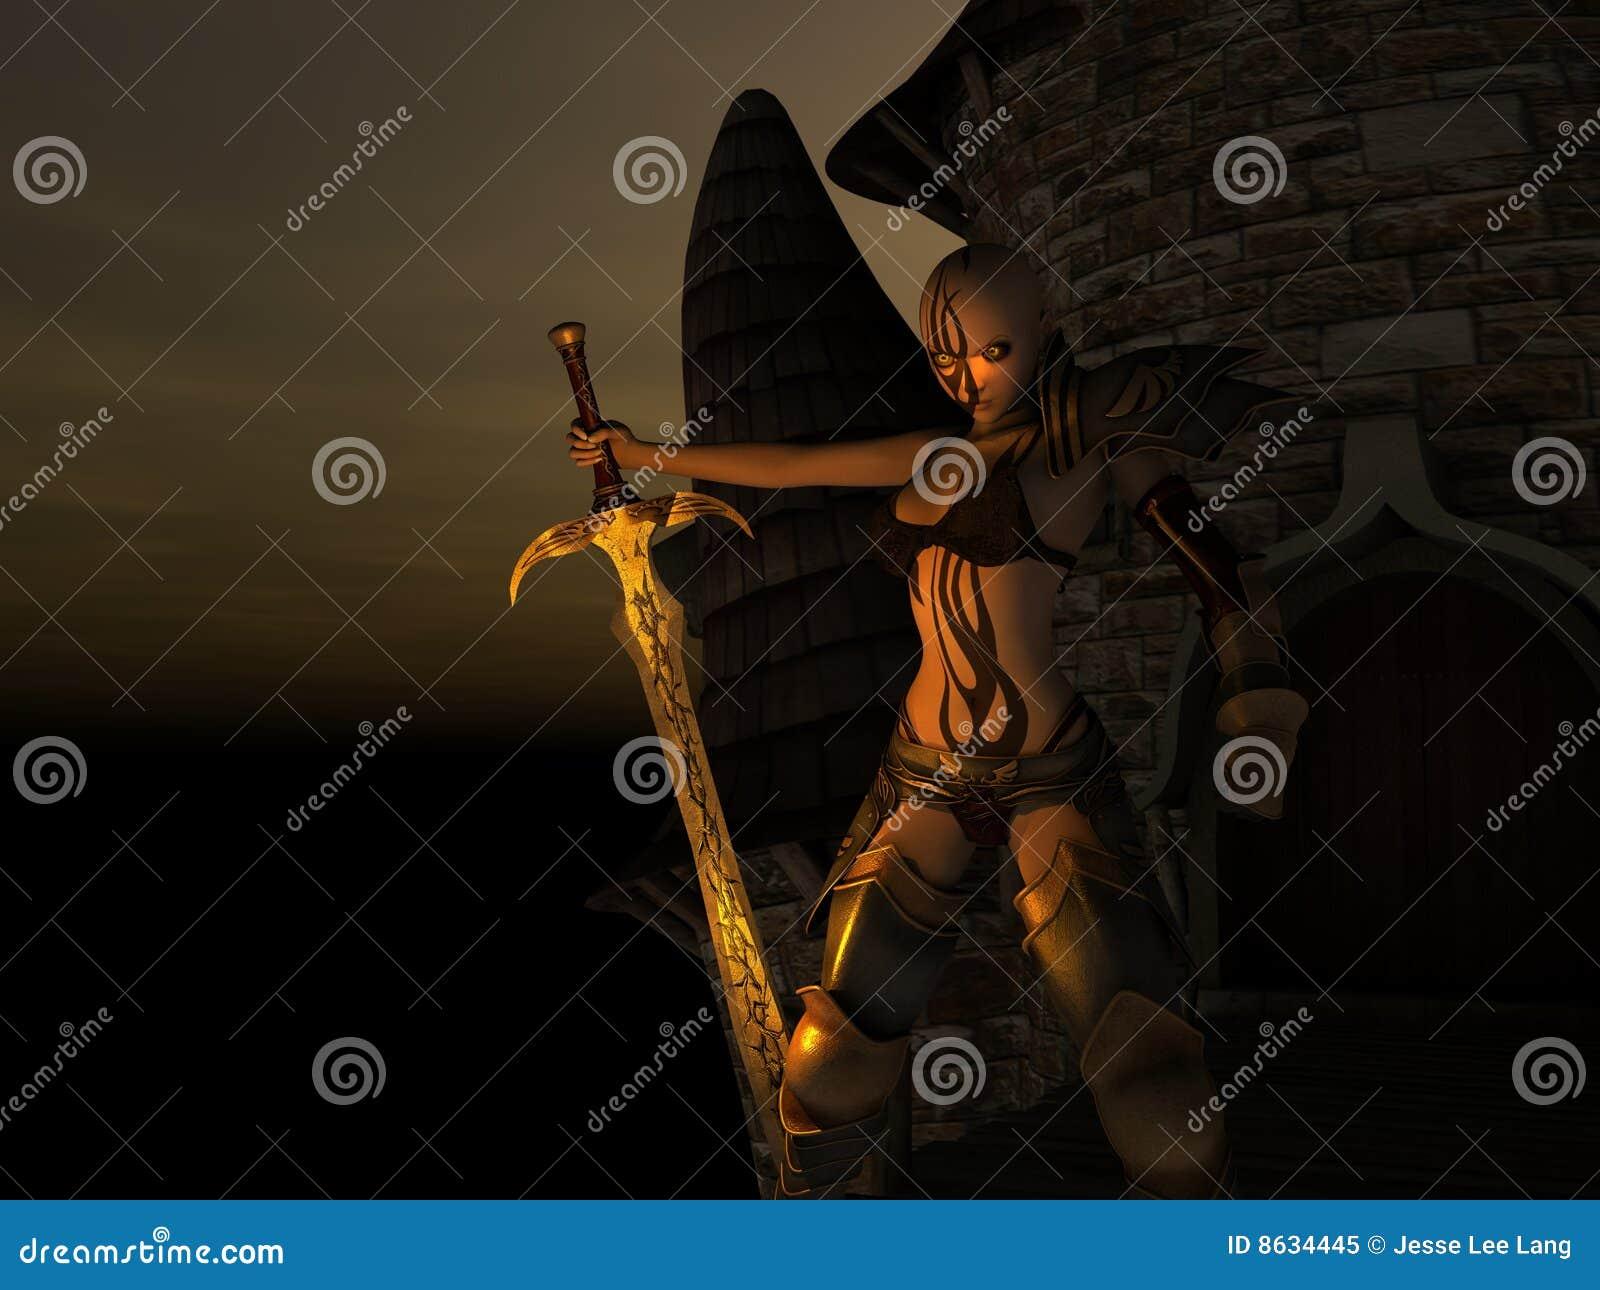 Warrior queen | high n' heavy.